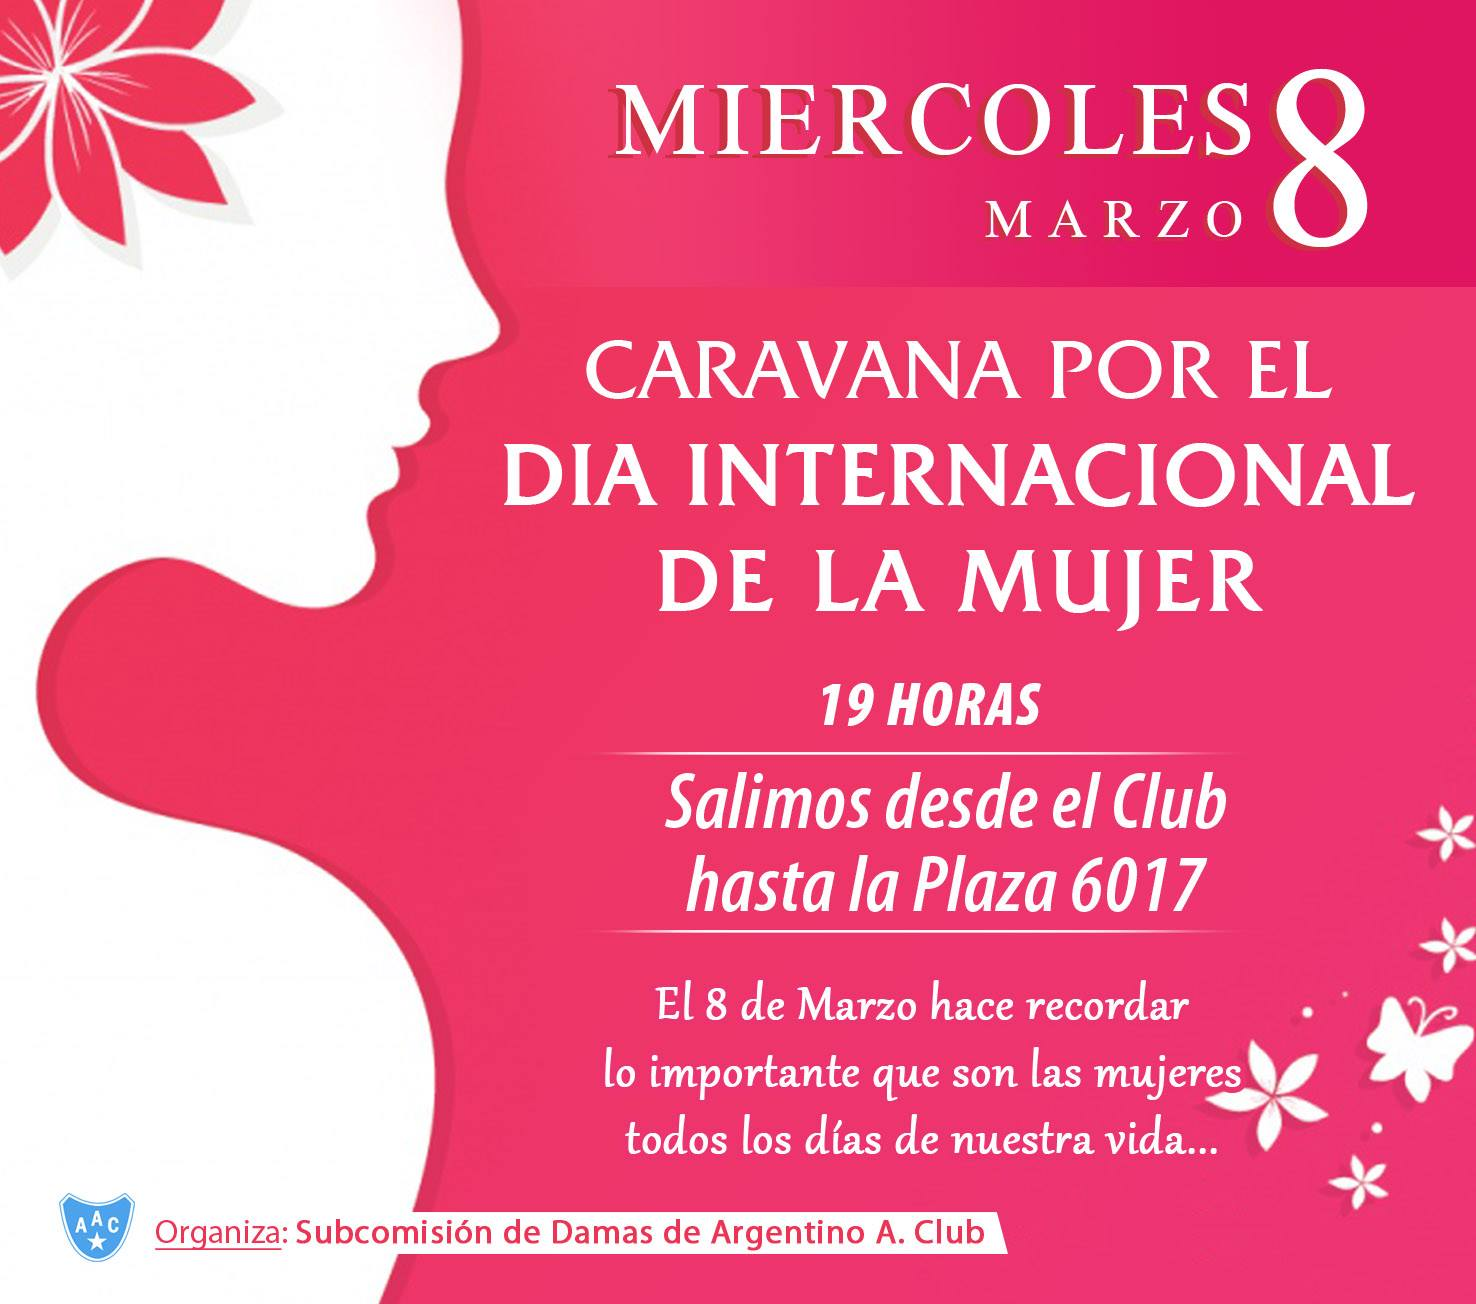 ¡FESTEJAMOS EL DÍA DE LA MUJER EN CARAVANA!